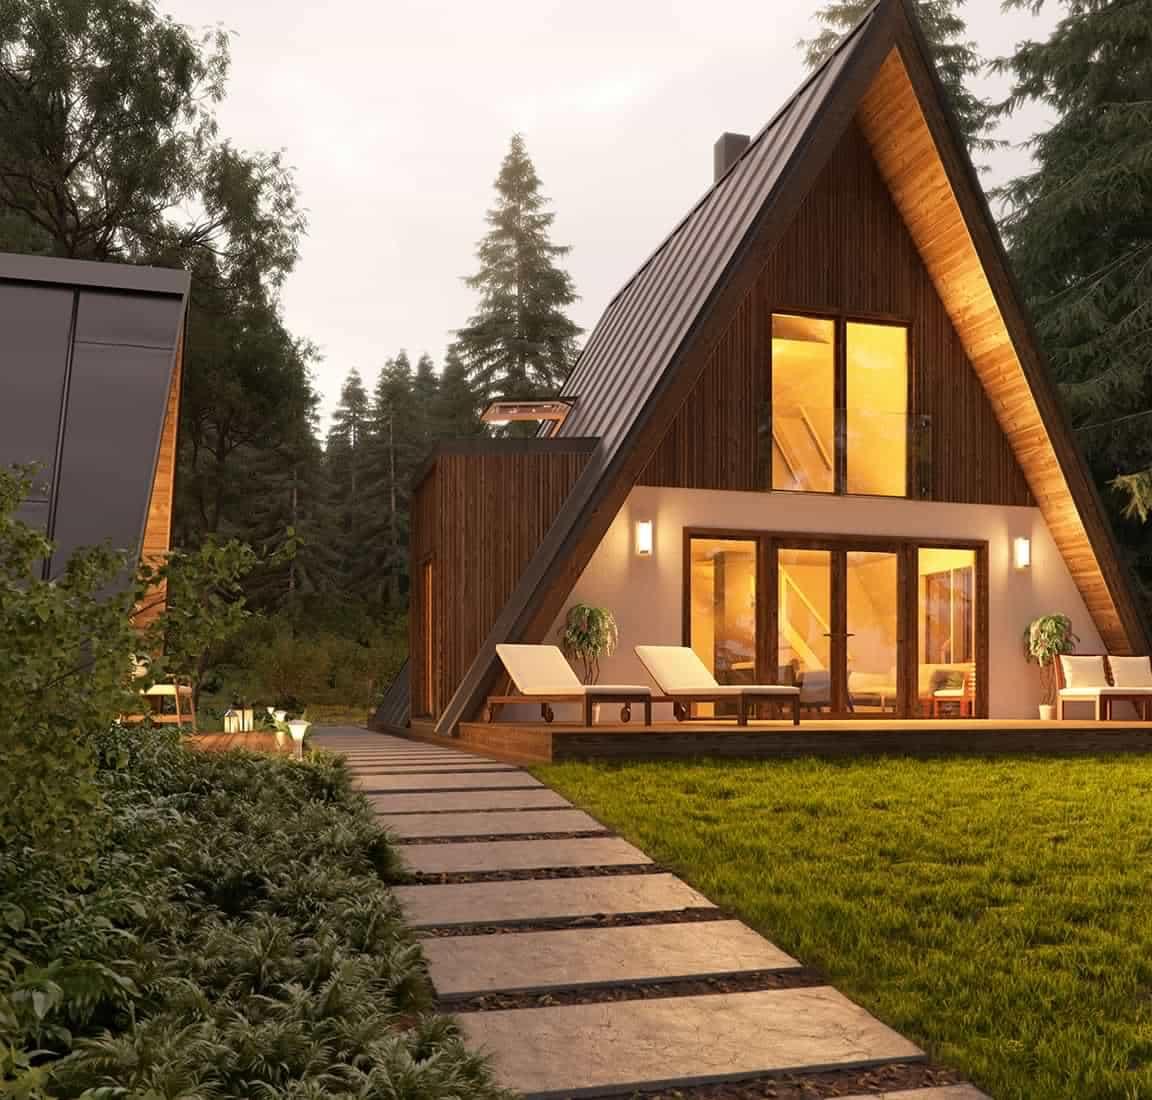 Maison A panneaux maison ossature bois.com 001 (17)